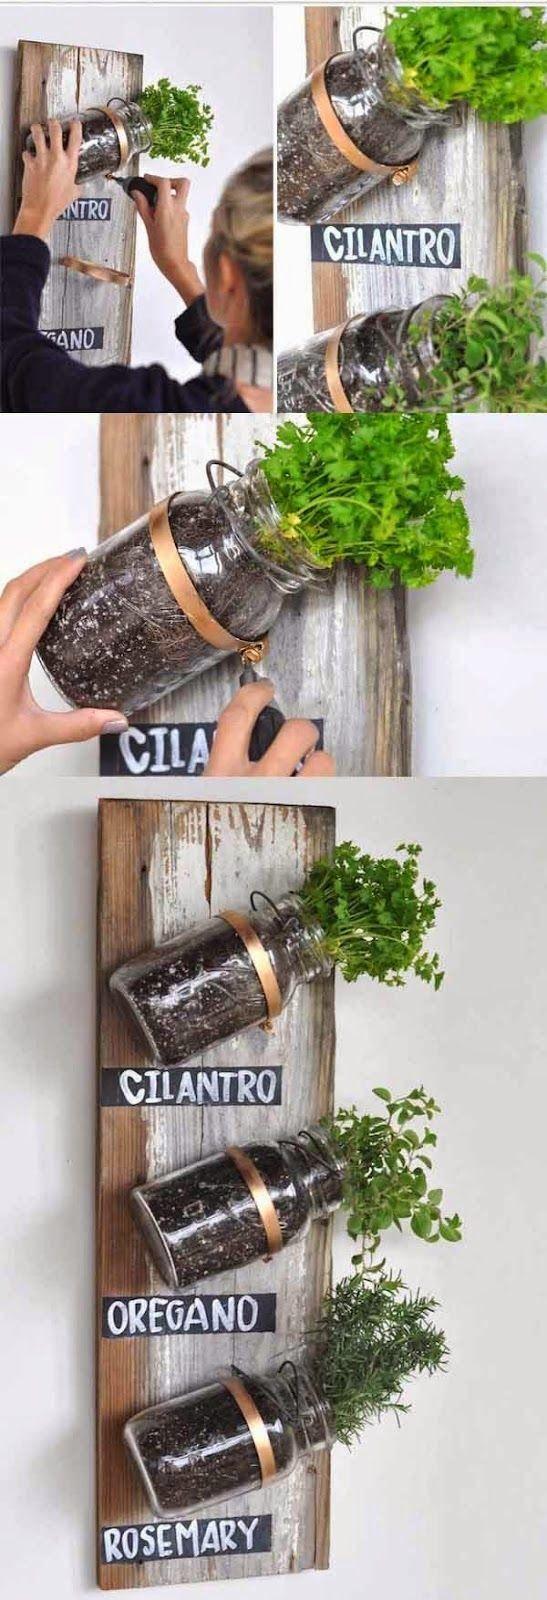 mini jardim de temperos : mini jardim de temperos: Guia de horta caseira quer incentivar o uso de ervas aromáticas